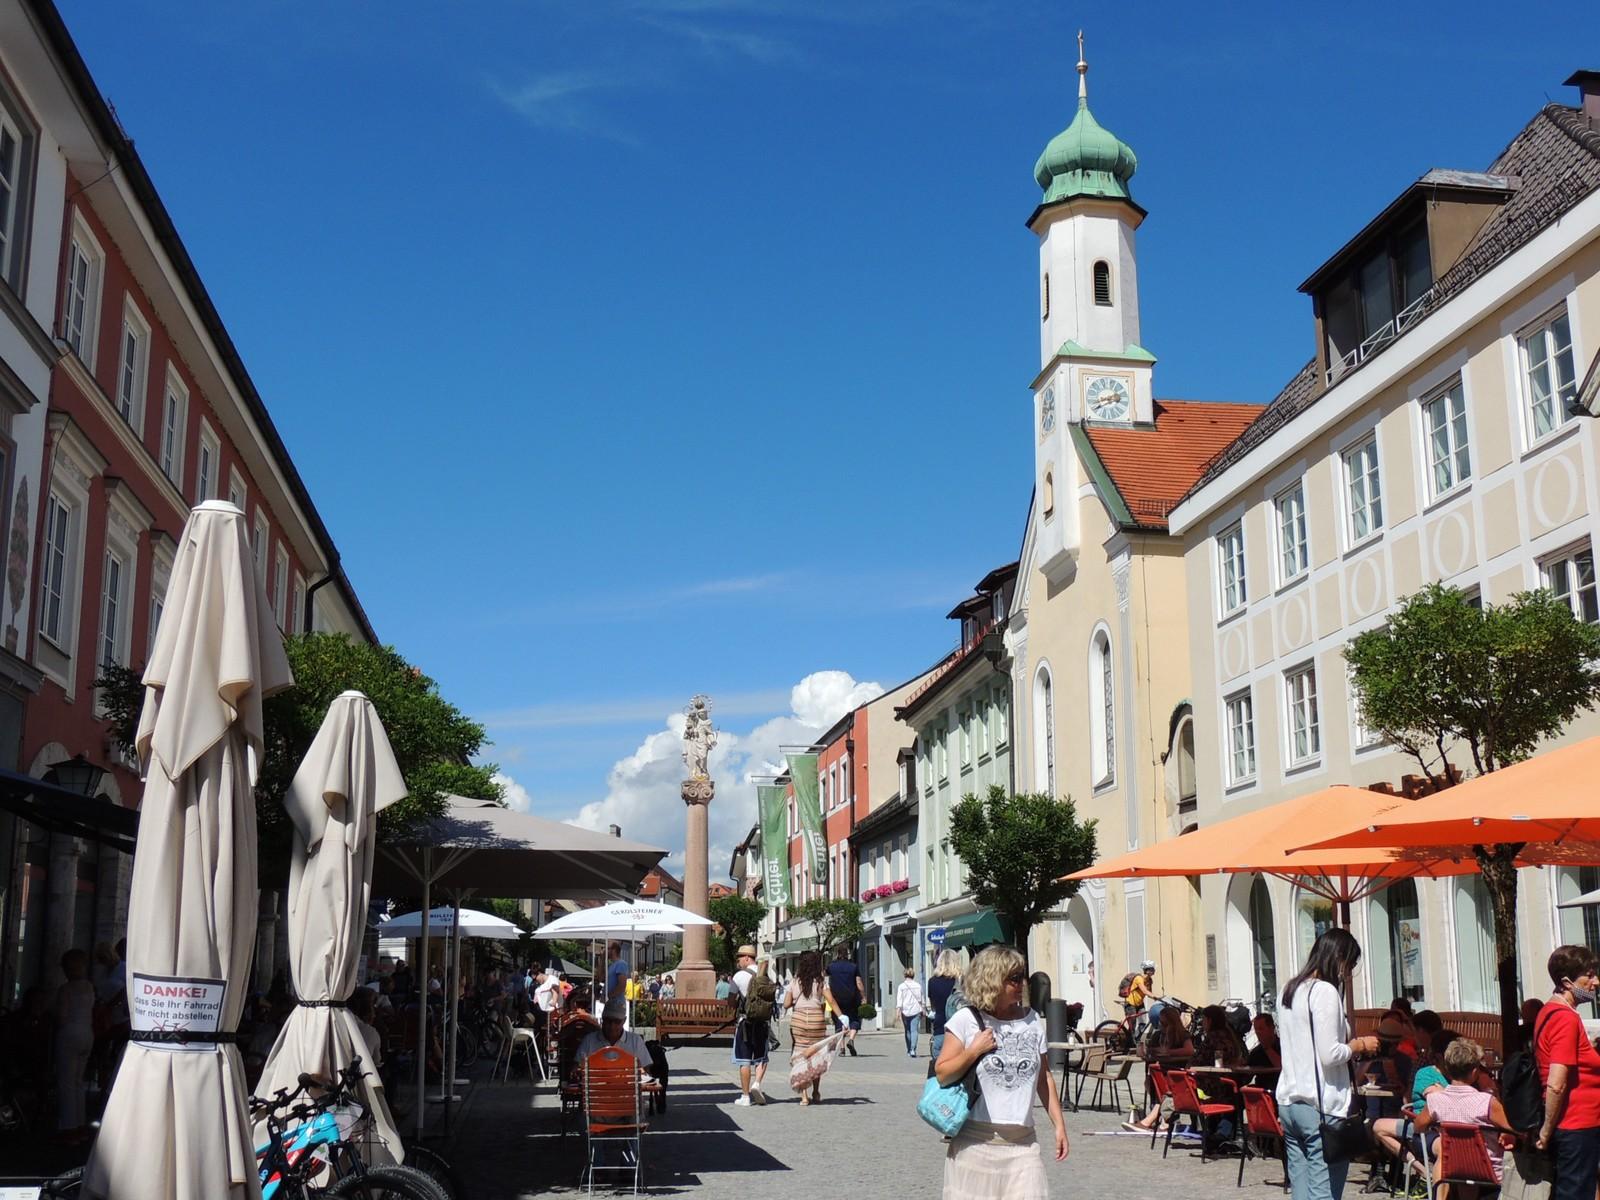 Das Blaue Land - Obermarkt mit Kirche Maria Hilf